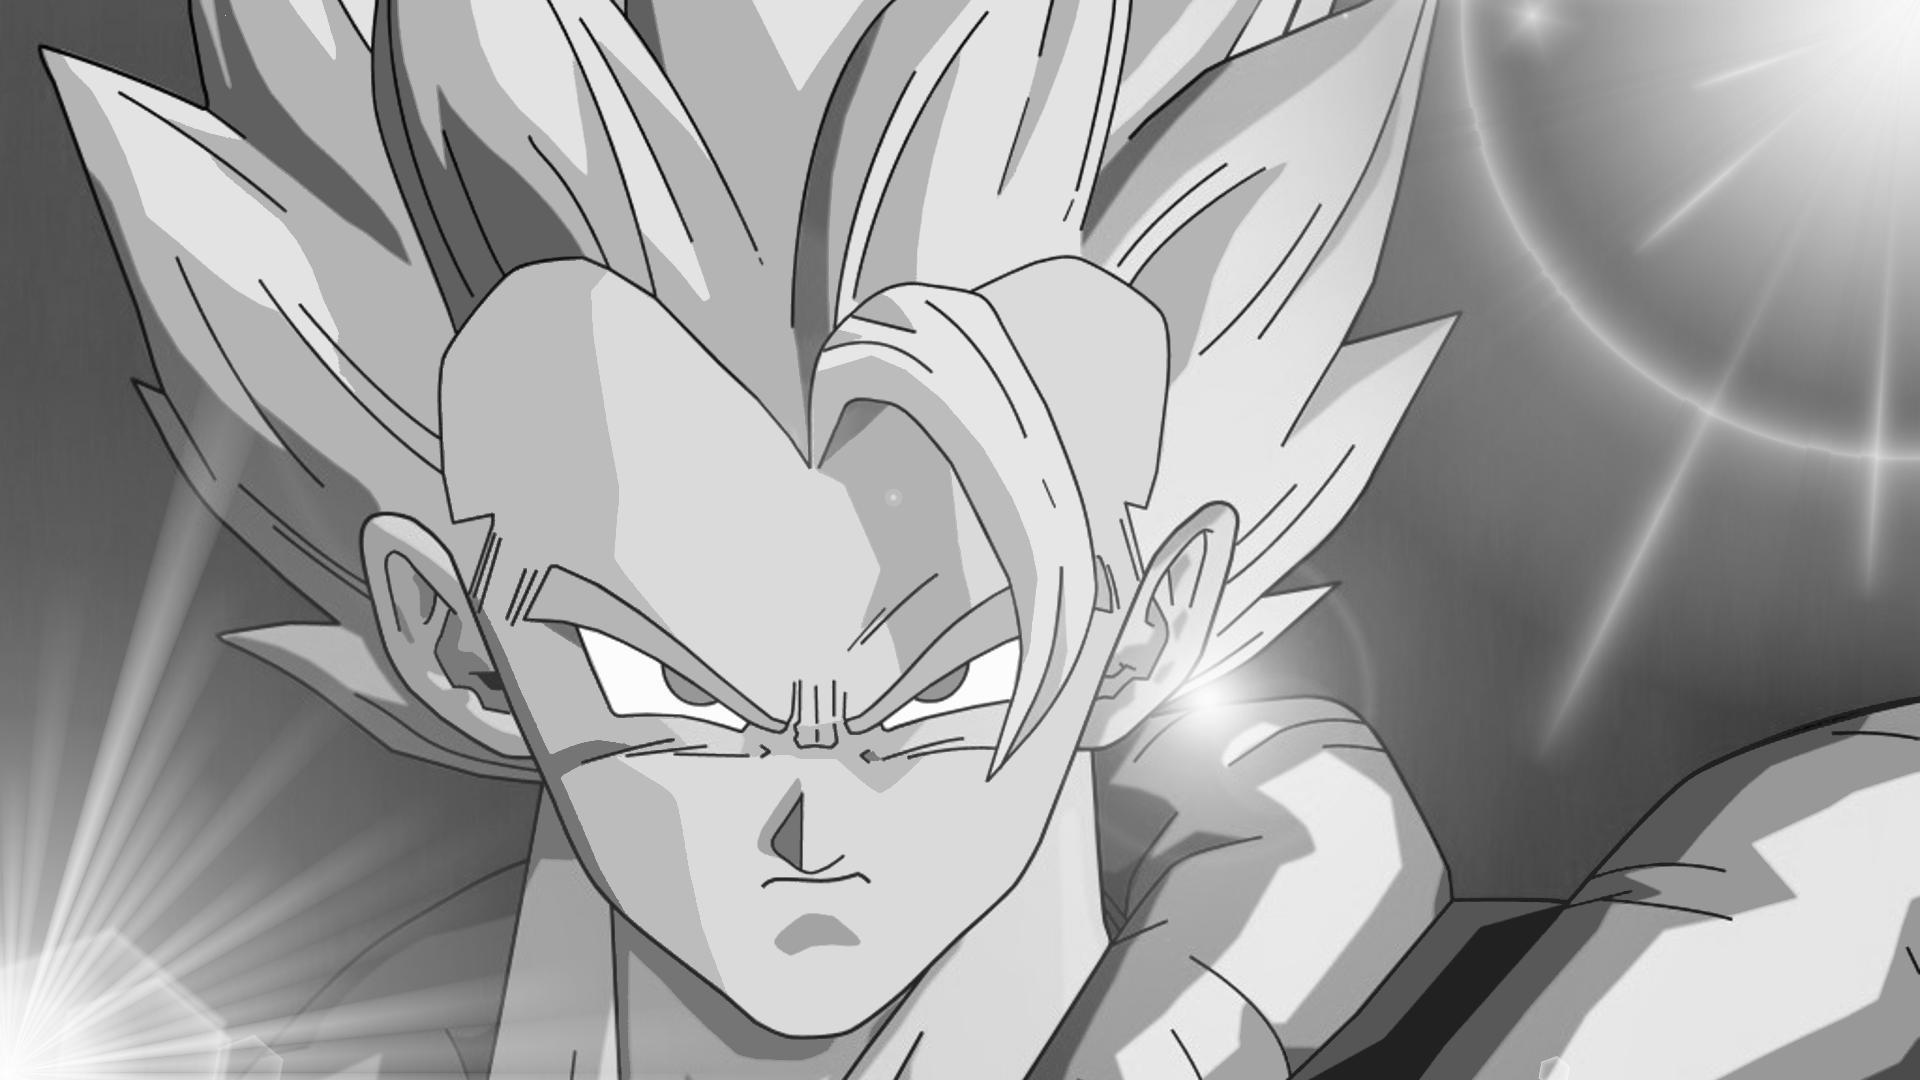 Fond Décran Dessin Illustration Monochrome Anime